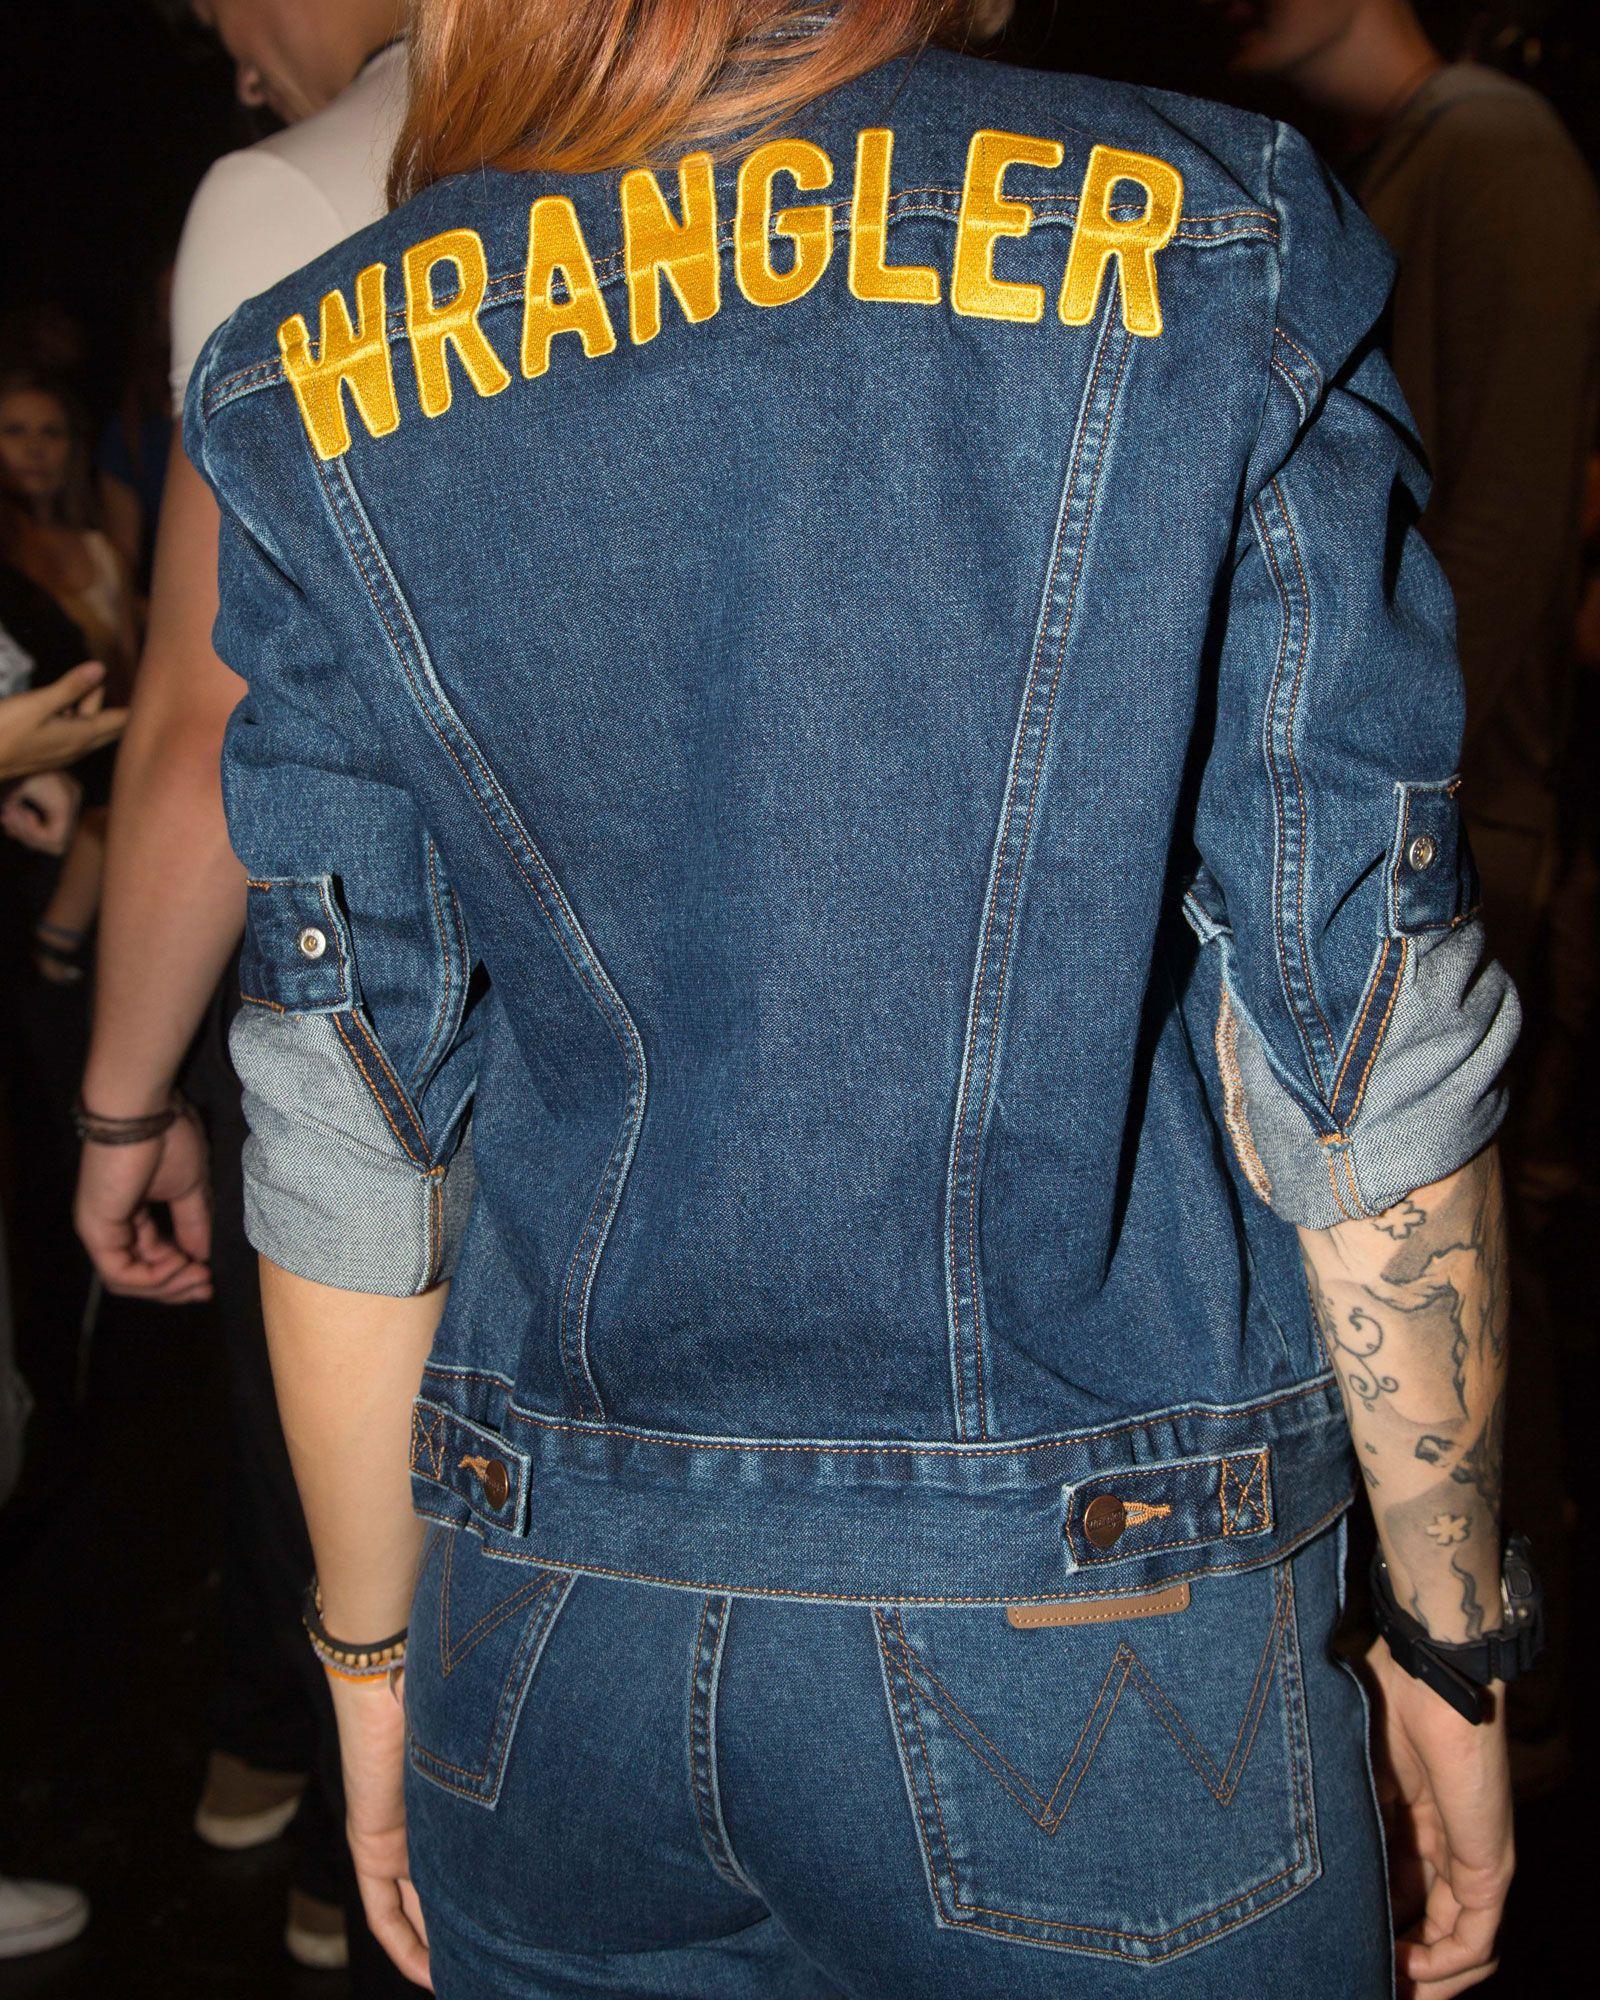 Wrangler Icons 124wj Women S Denim Jacket Women S Jackets Outerwear Wrangler Denim Jacket Women Jackets For Women Denim Jacket [ 2000 x 1600 Pixel ]